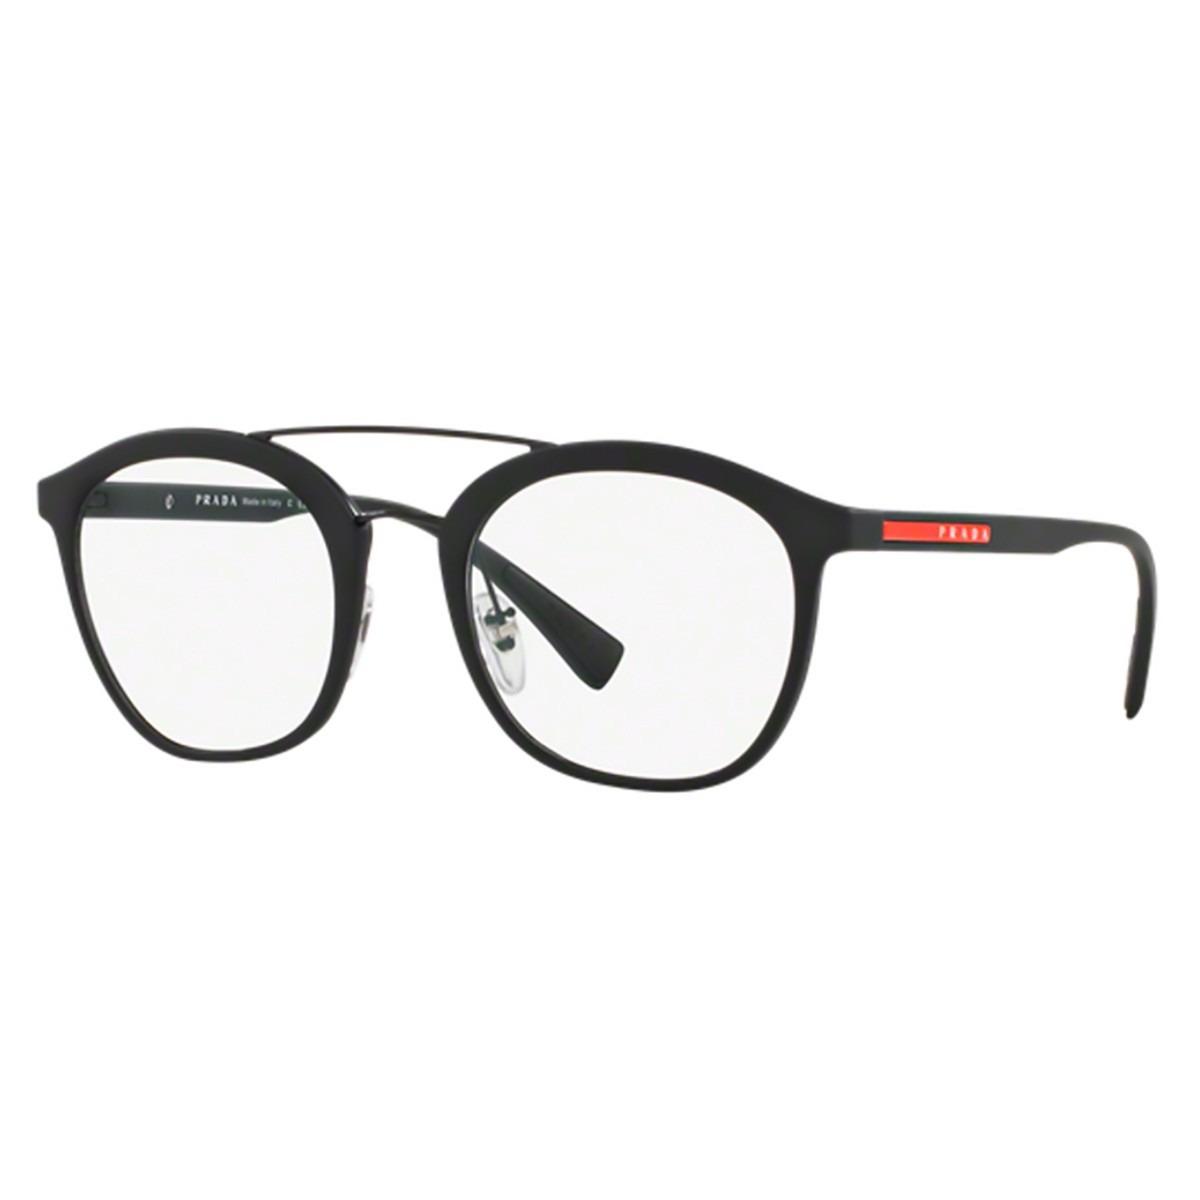 5ee43d73f Óculos De Grau Prada Sport Vps02h Dg0-1o1 - R$ 718,00 em Mercado Livre